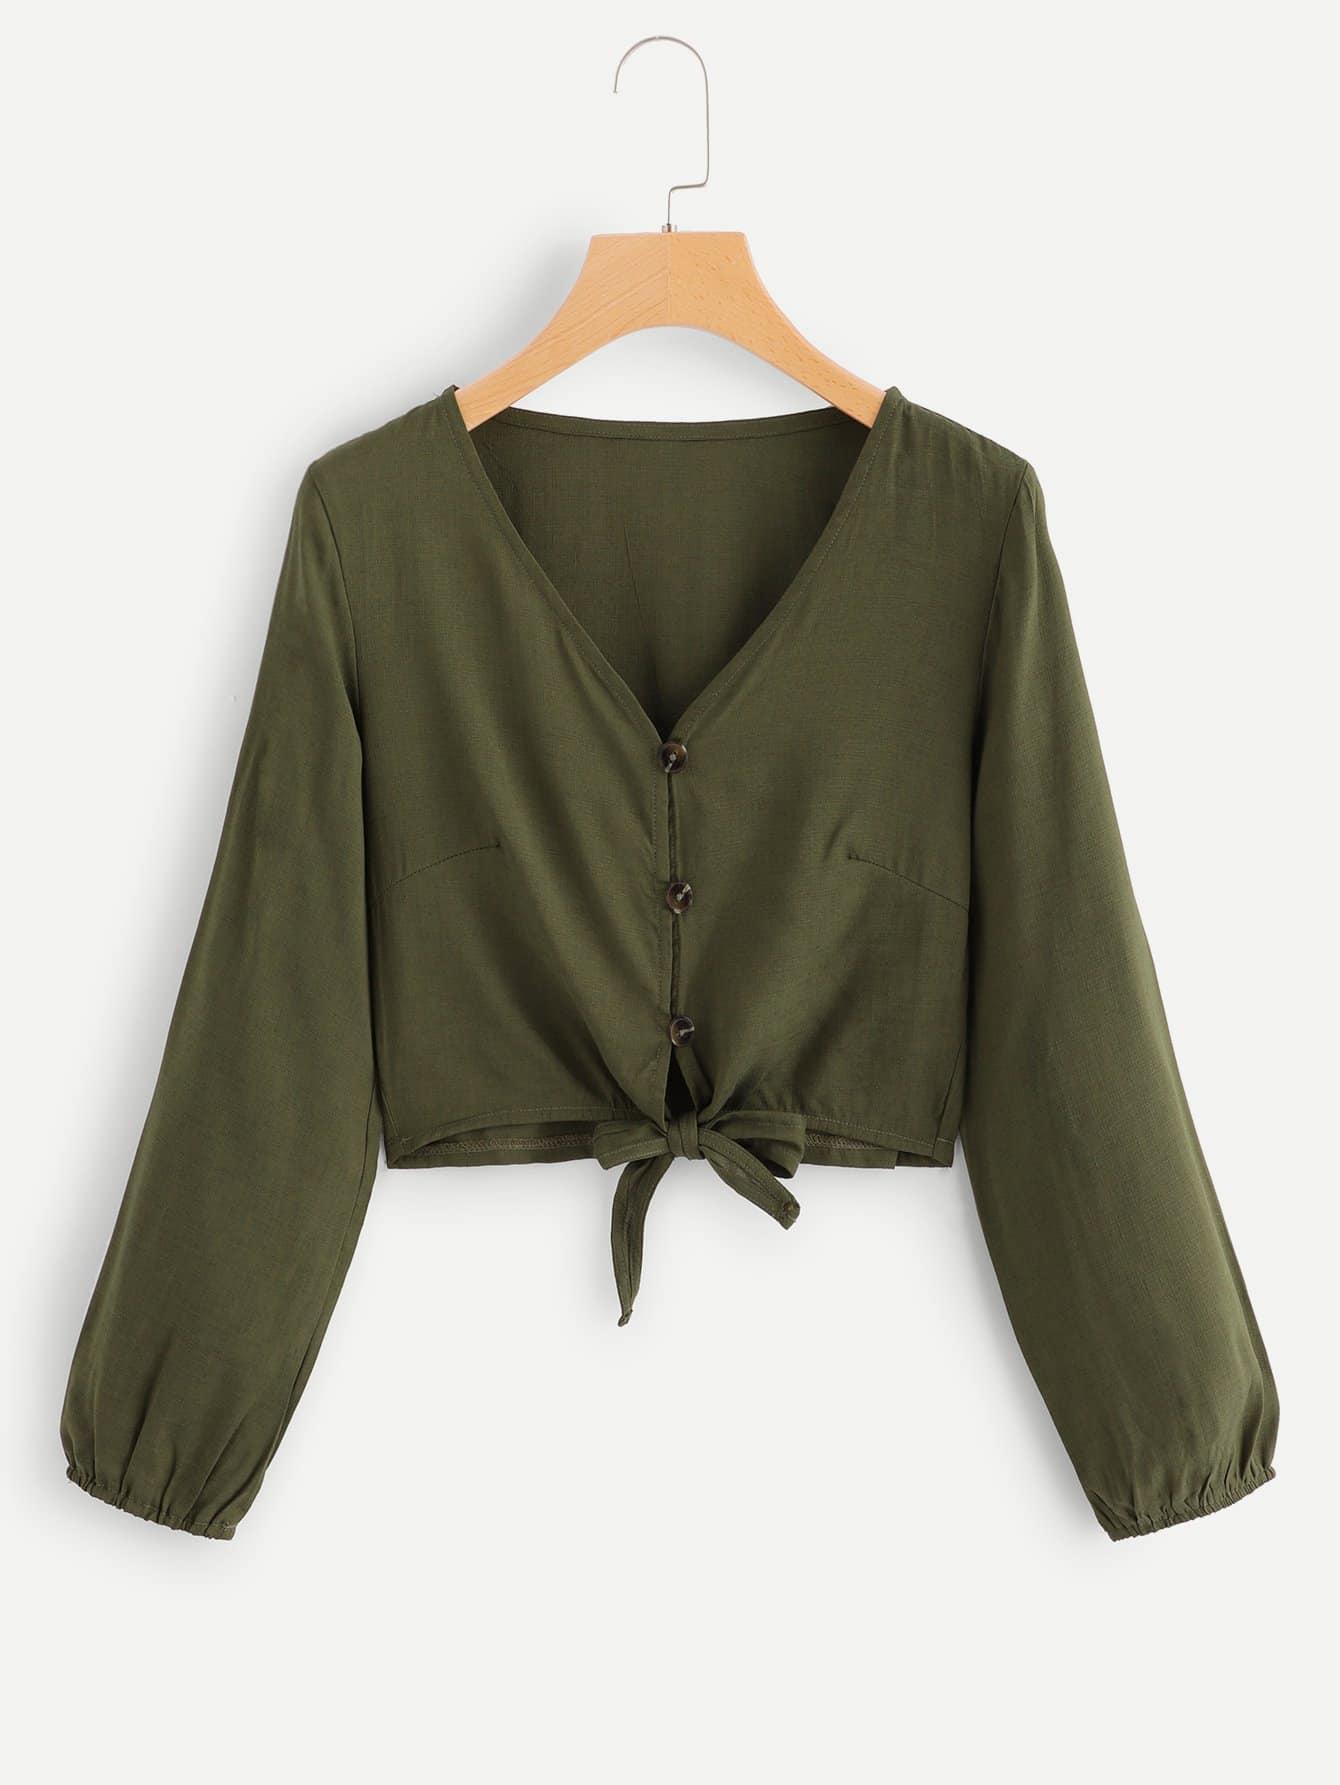 Купить Повседневный Одноцветный Пуговица Цветахаки Блузы+рубашки, null, SheIn